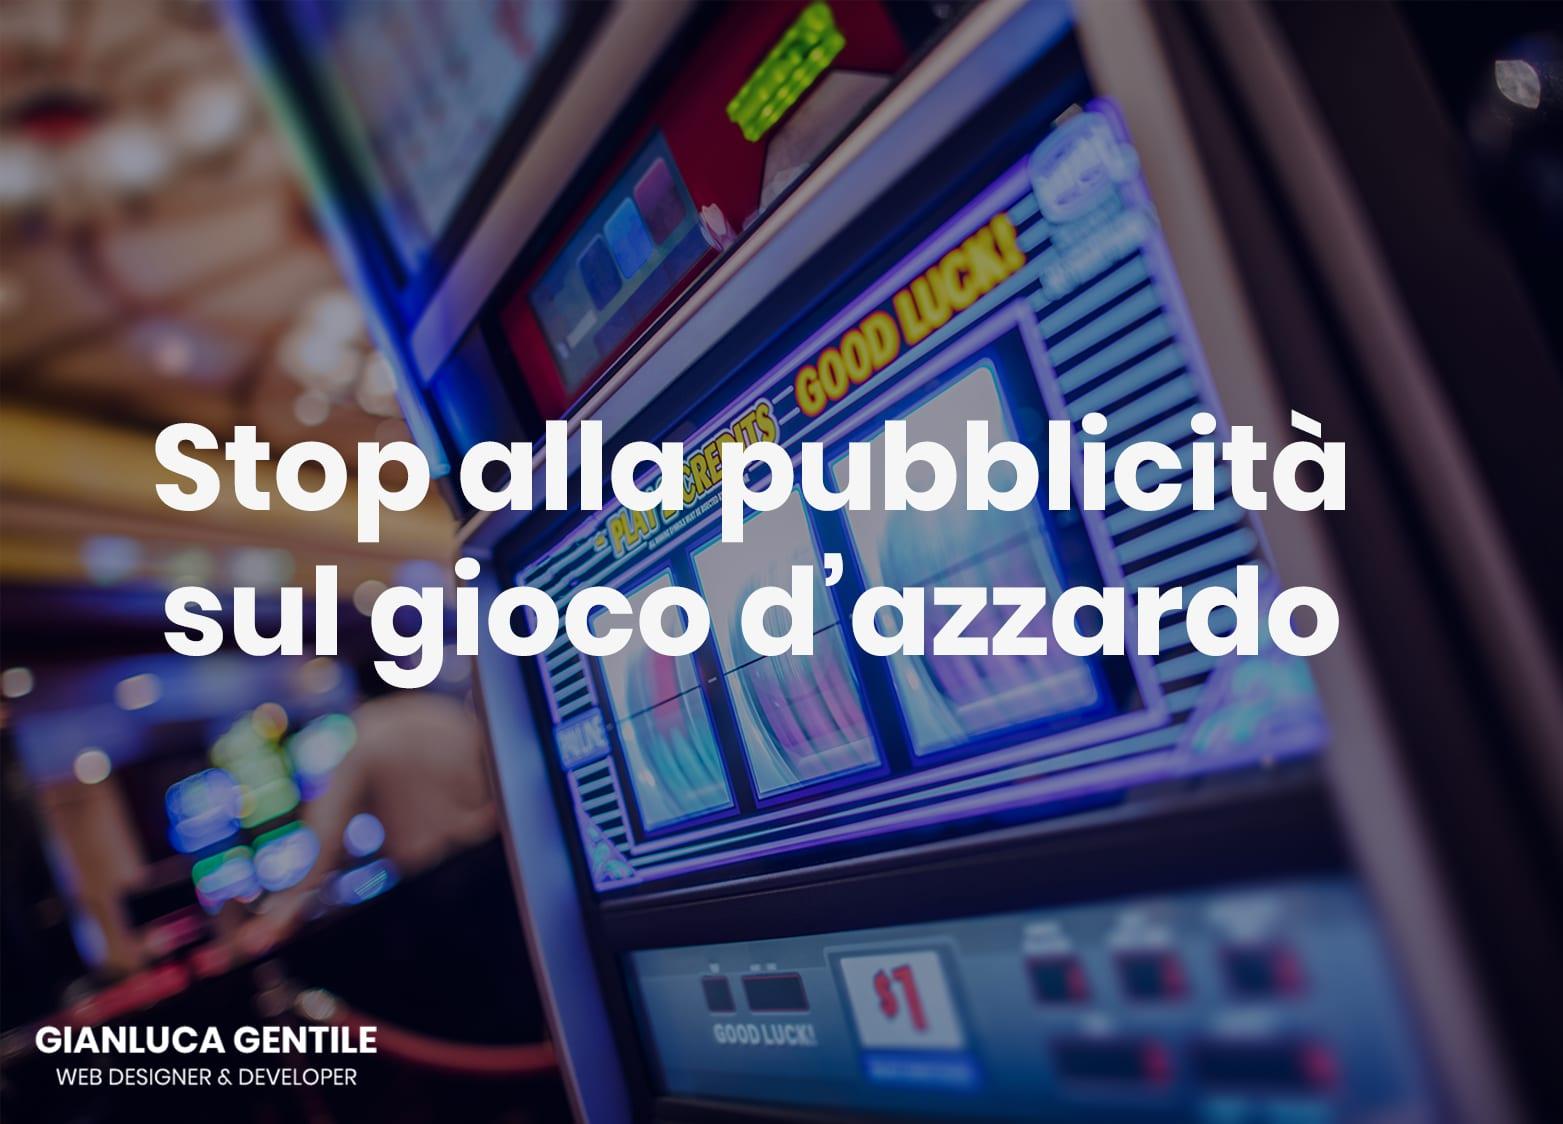 stop pubblicità gioco d'azzardo - Stop pubblicit   gioco dazzardo molte le incongruenze - Stop pubblicità gioco d'azzardo, molte le incongruenze